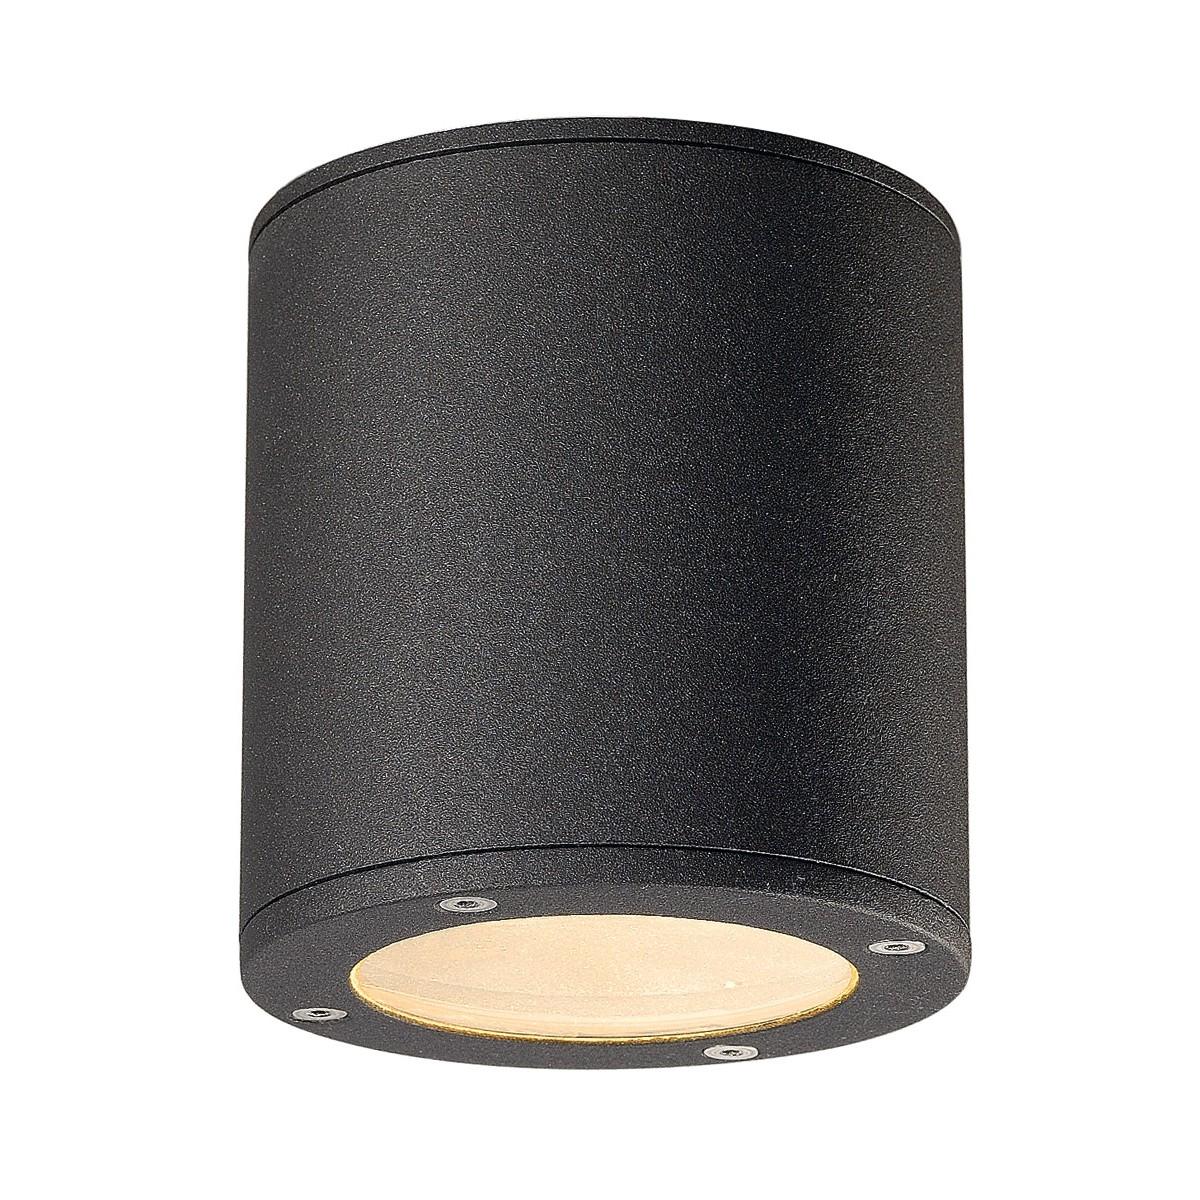 slv-sitra-ceiling-deckenleuchte-231545 20 Elegant Paulmann Deckenleuchten